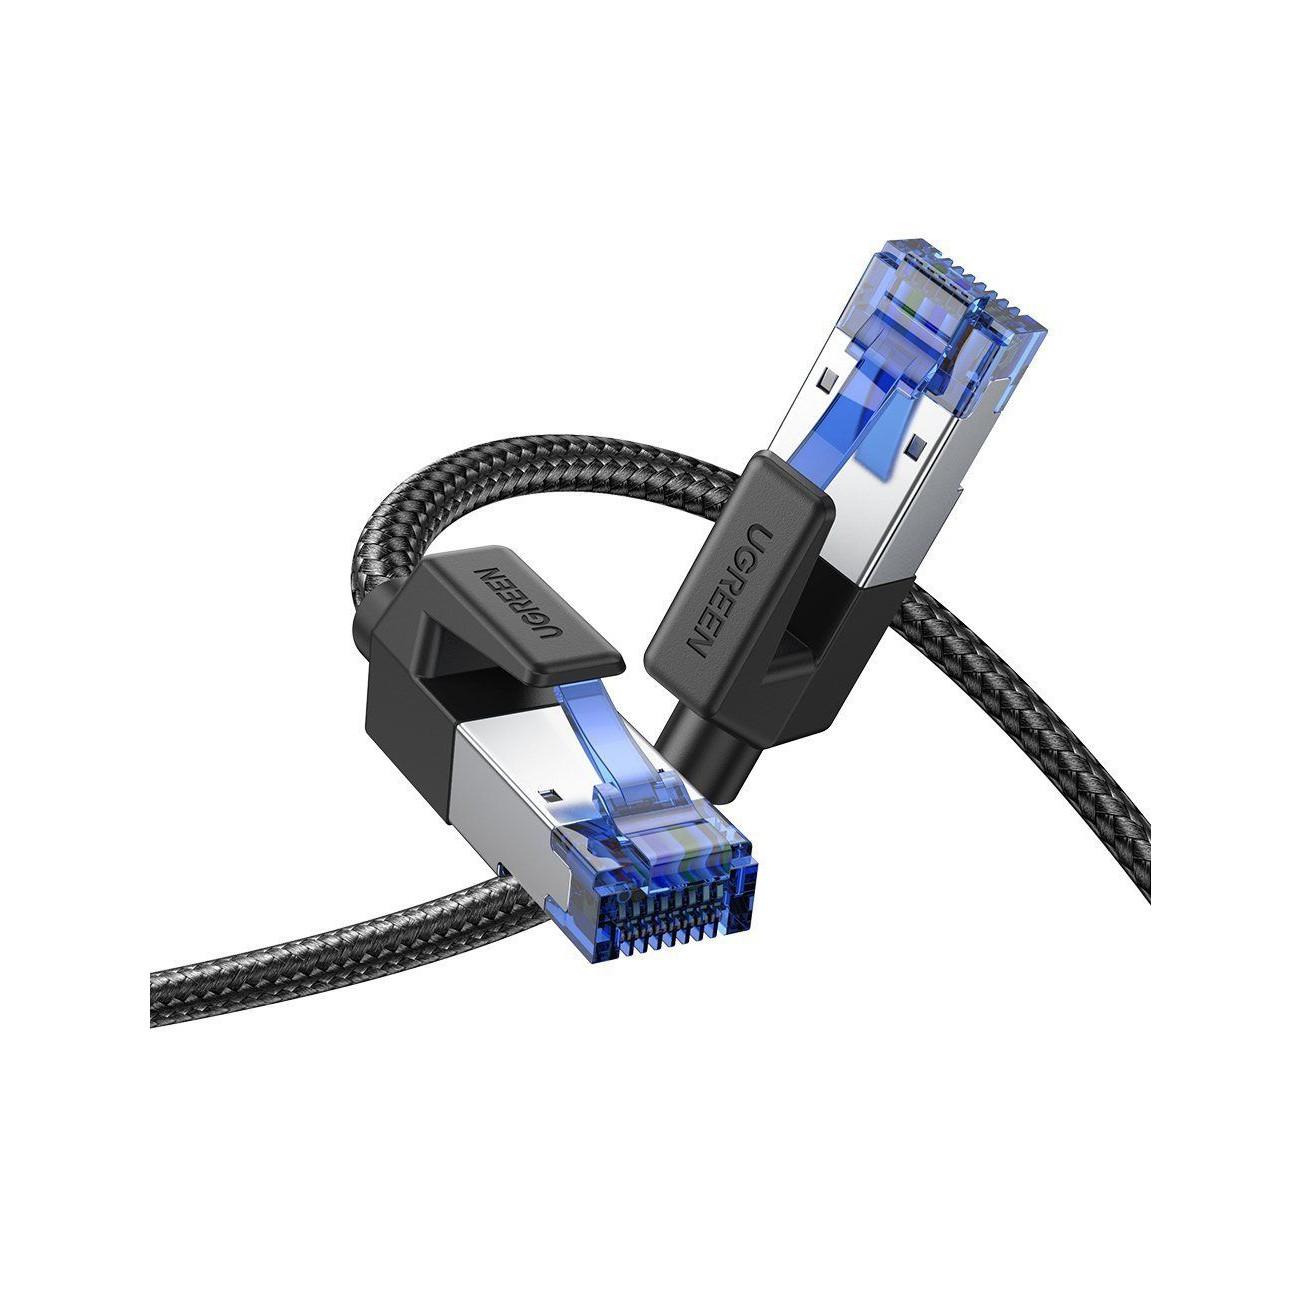 Cáp nối mạng Lan 3M CAT8 Shielded giữa các máy tính Ugreen 80432 NW153 Hàng Chính Hãng